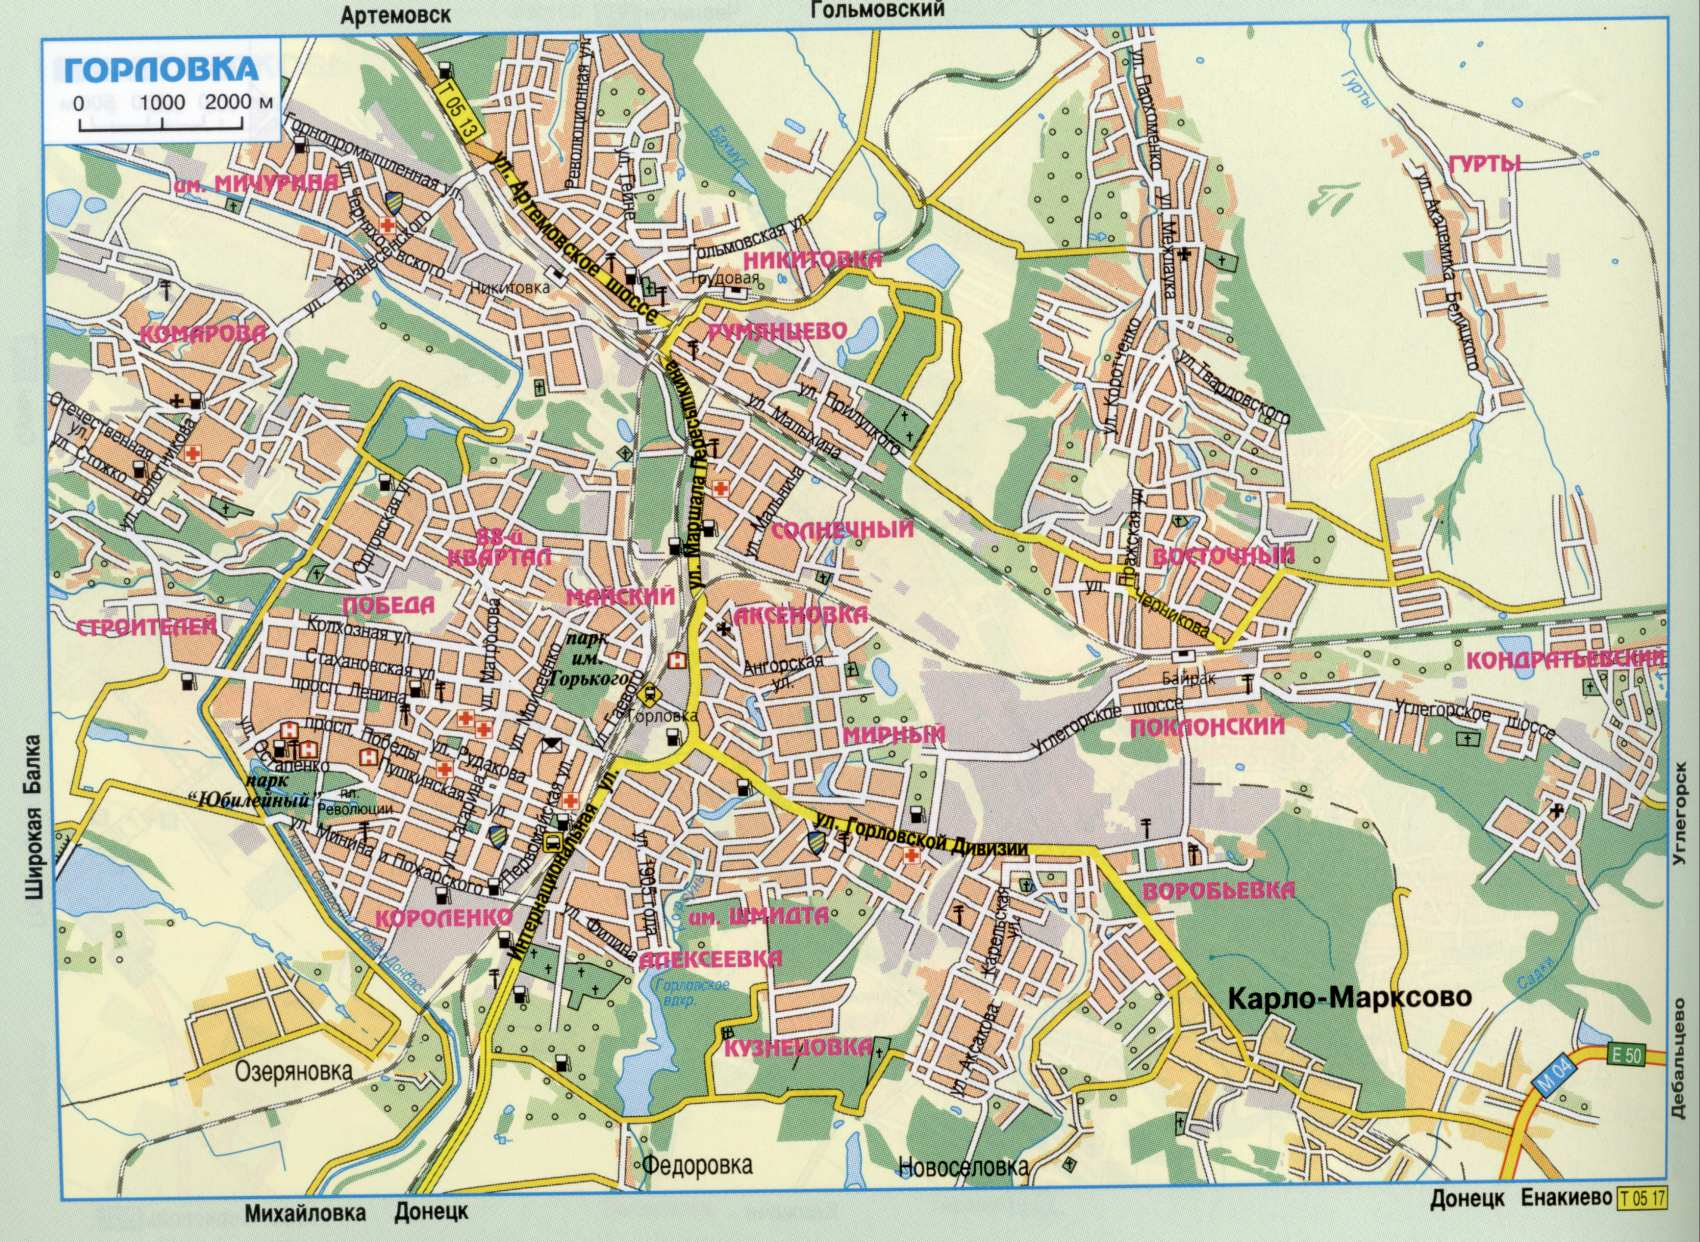 Карта города Горловка